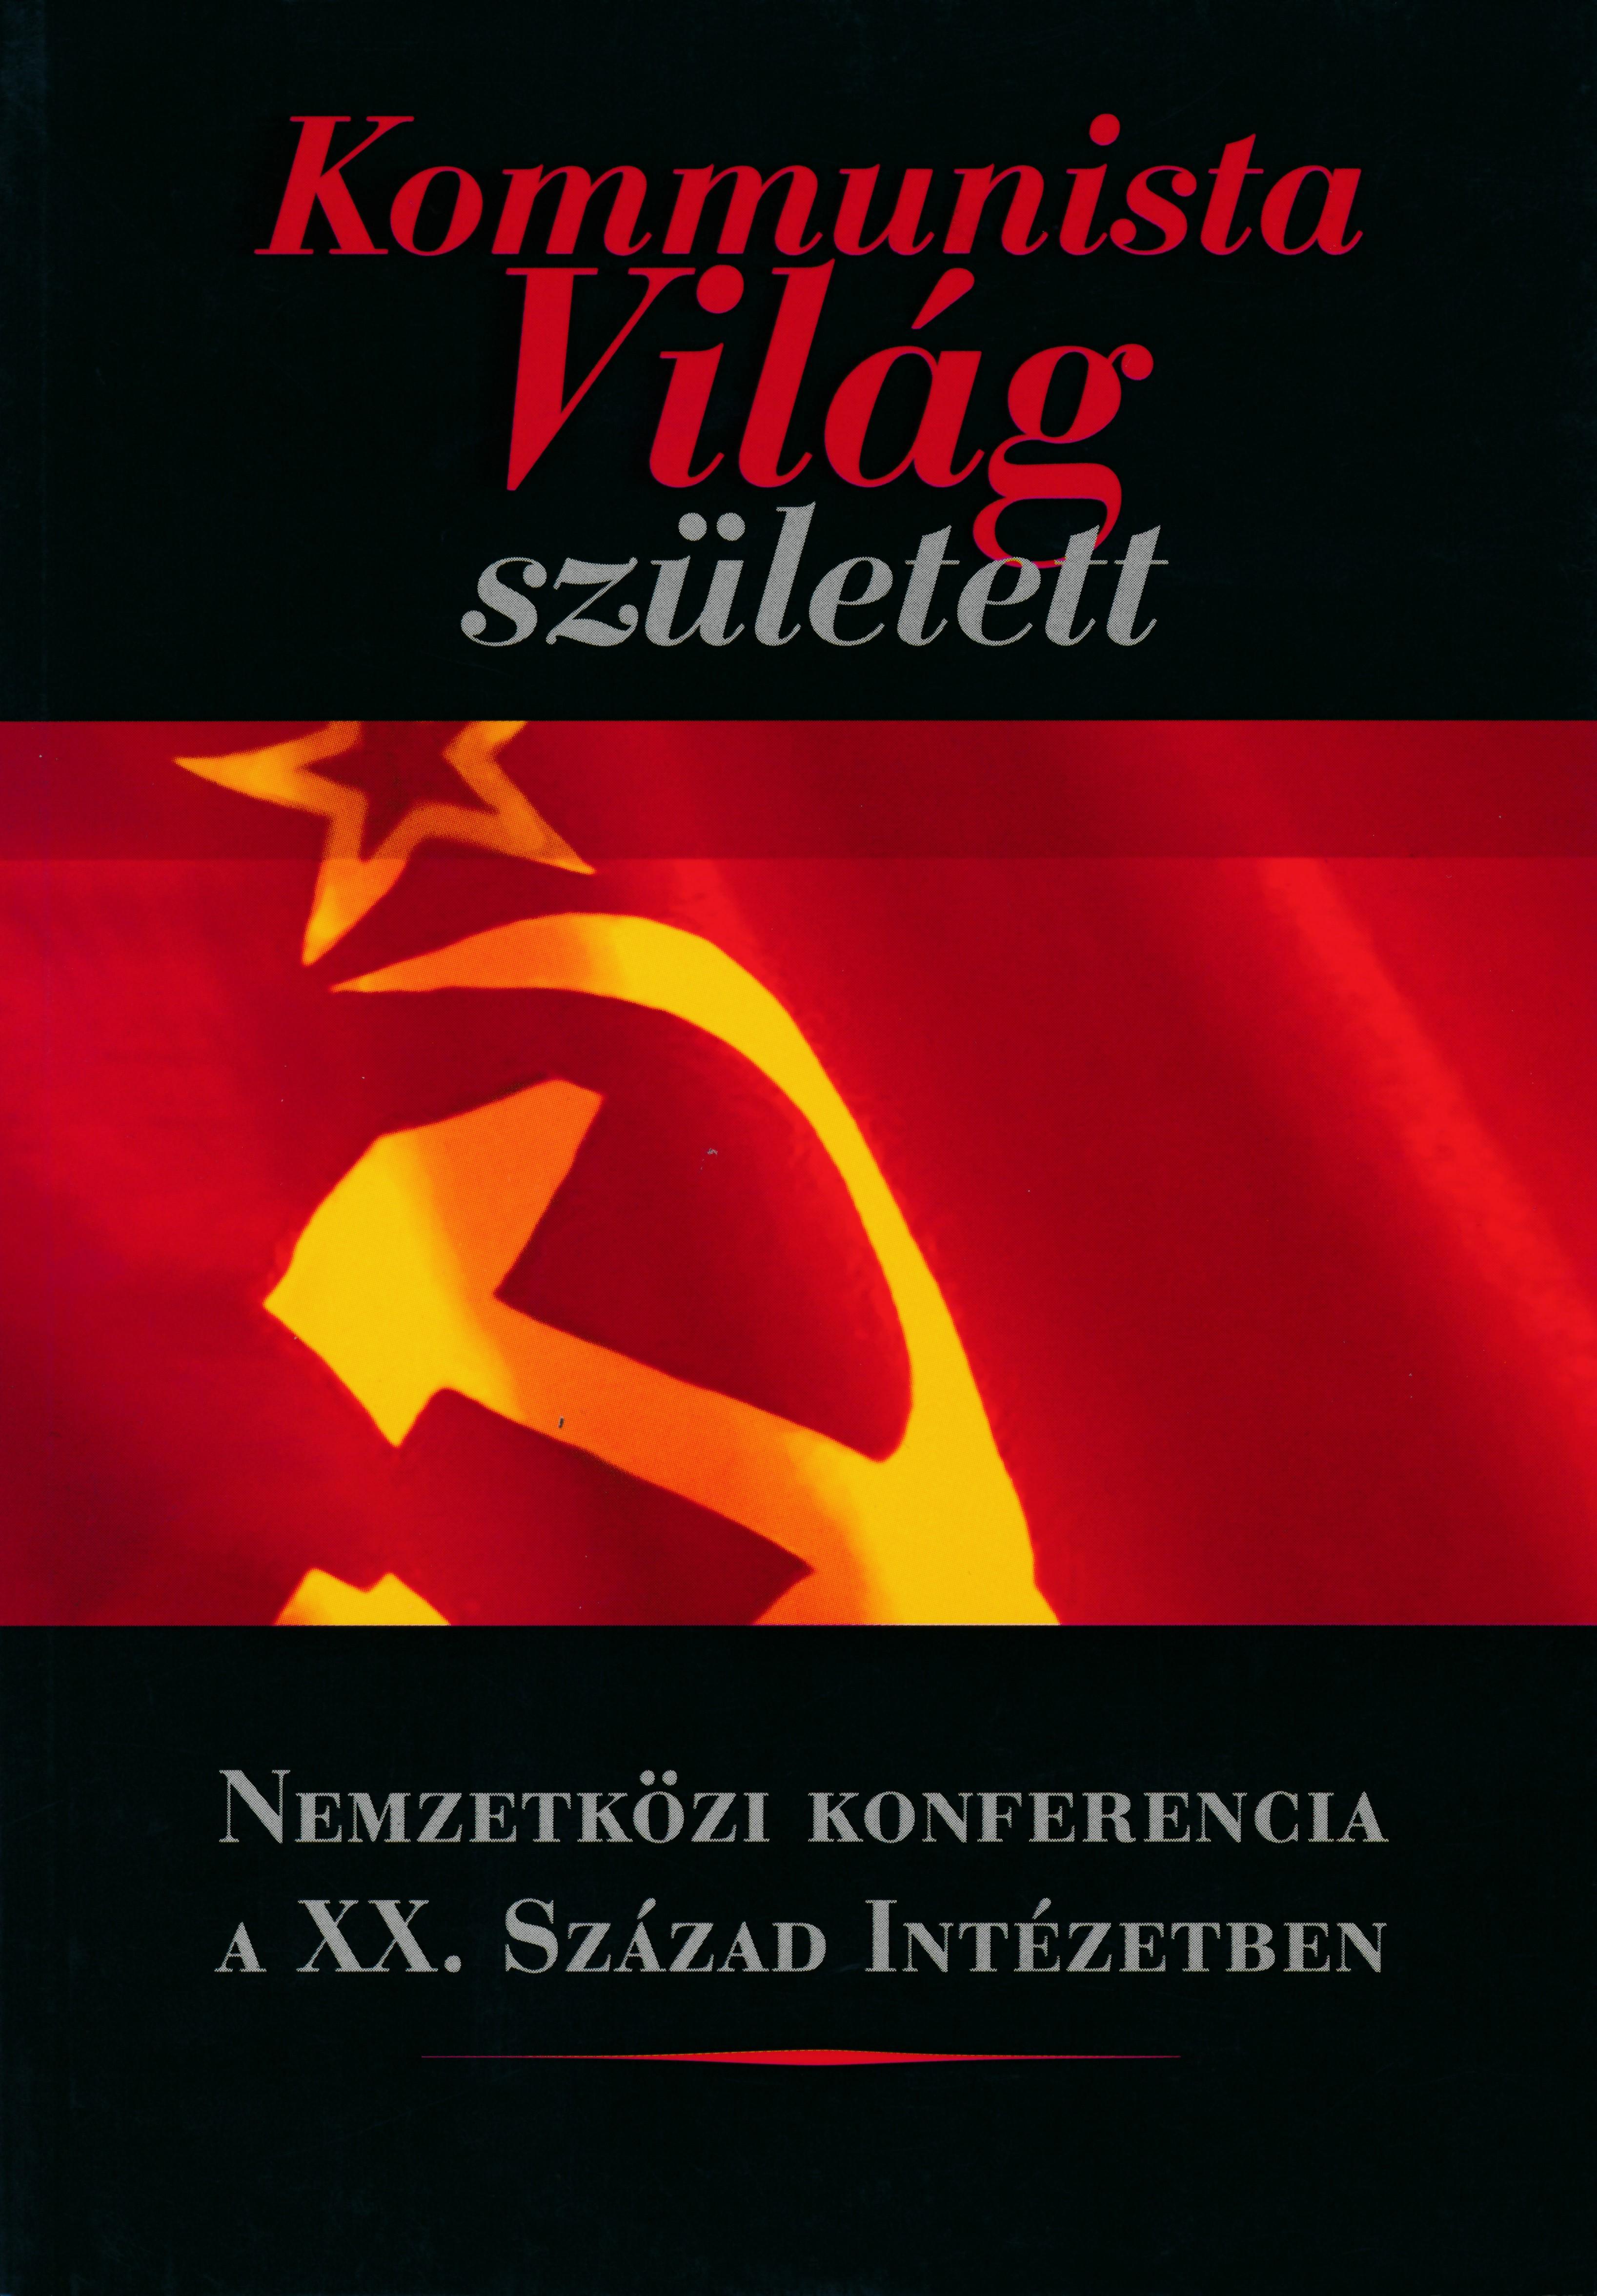 Kommunista Világ született. Nemzetközi Konferencia a XX. Század Intézetben